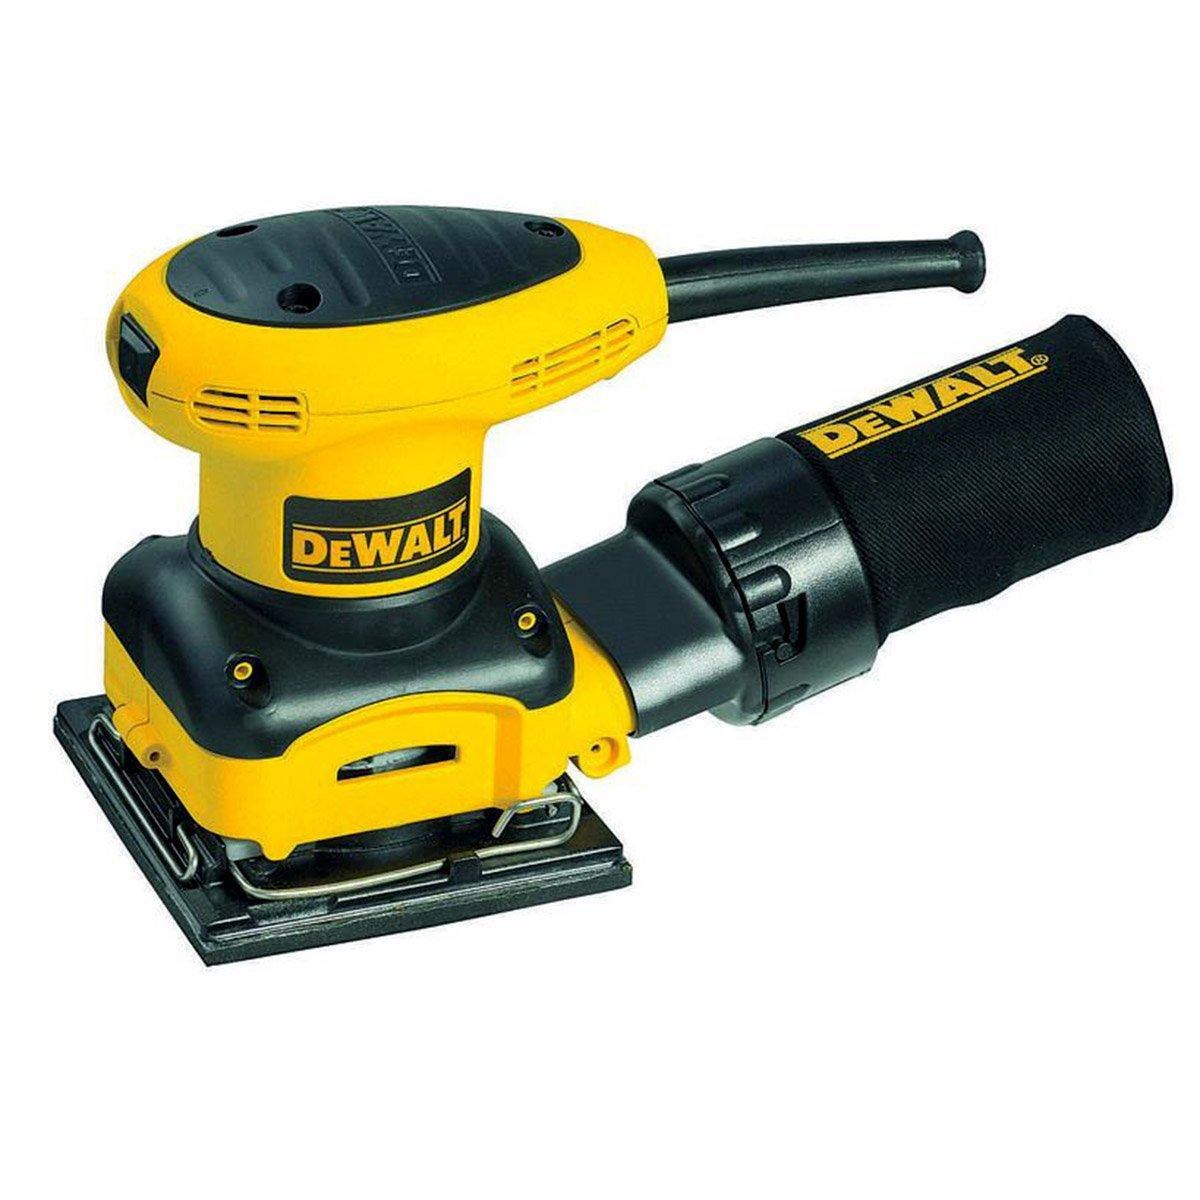 DEWALT D26441 2.4 Amp 1/4 Sheet Palm Grip Sander